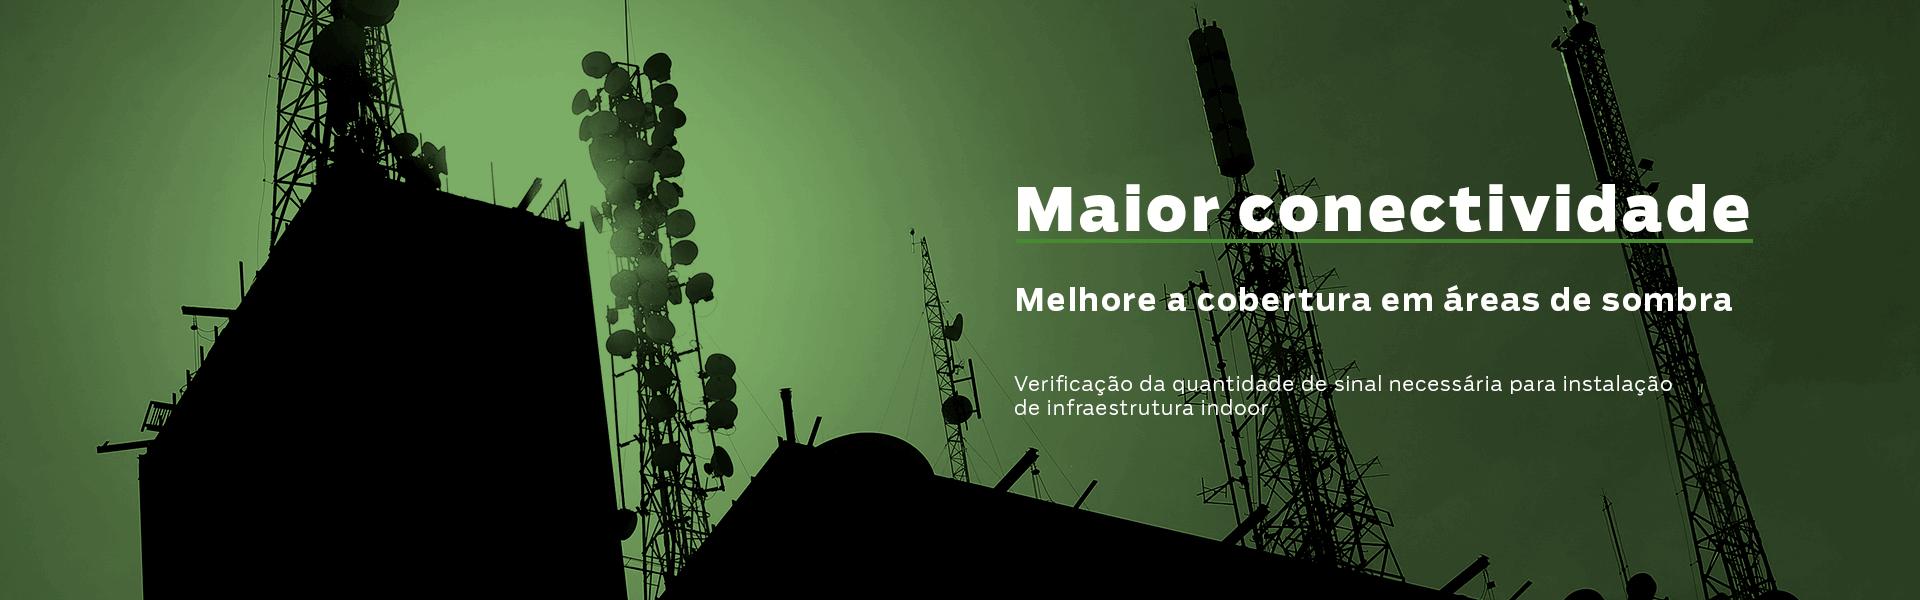 Maior Conectividade